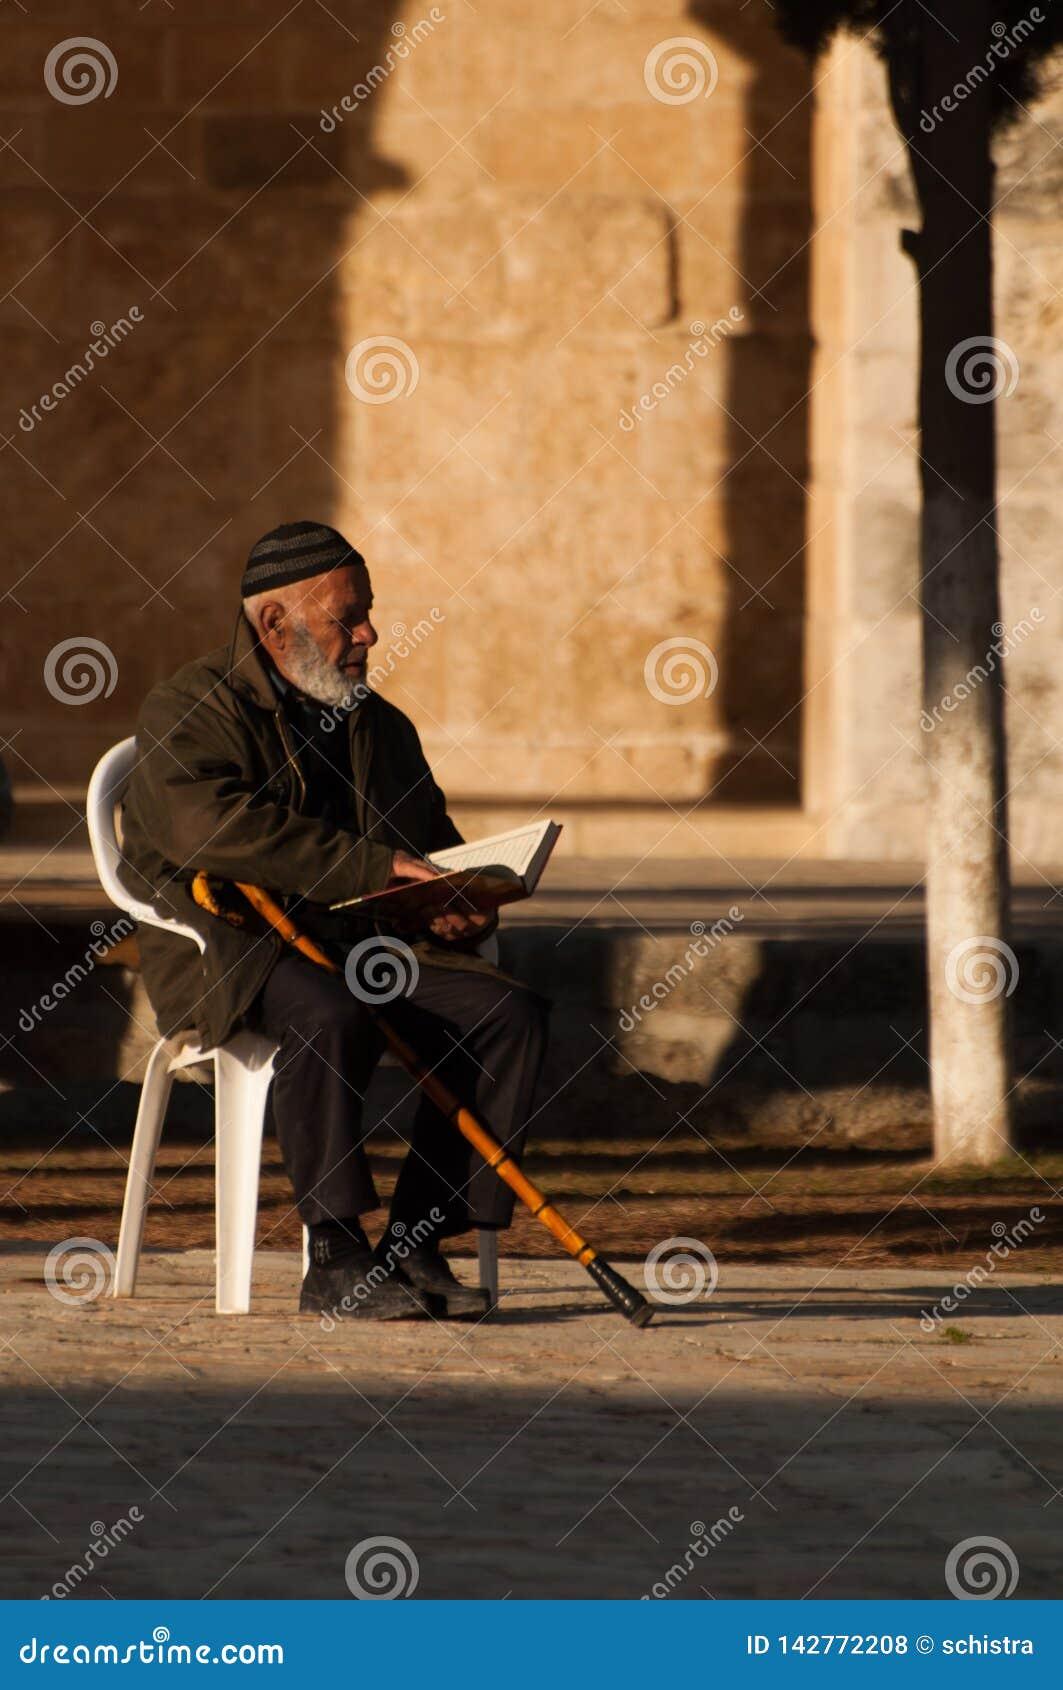 Ιερουσαλήμ, το Δεκέμβριο του 2012: Το ηλικιωμένο άτομο προσεύχεται στο ναό υποστηριγμάτων στην Ιερουσαλήμ, Ισραήλ